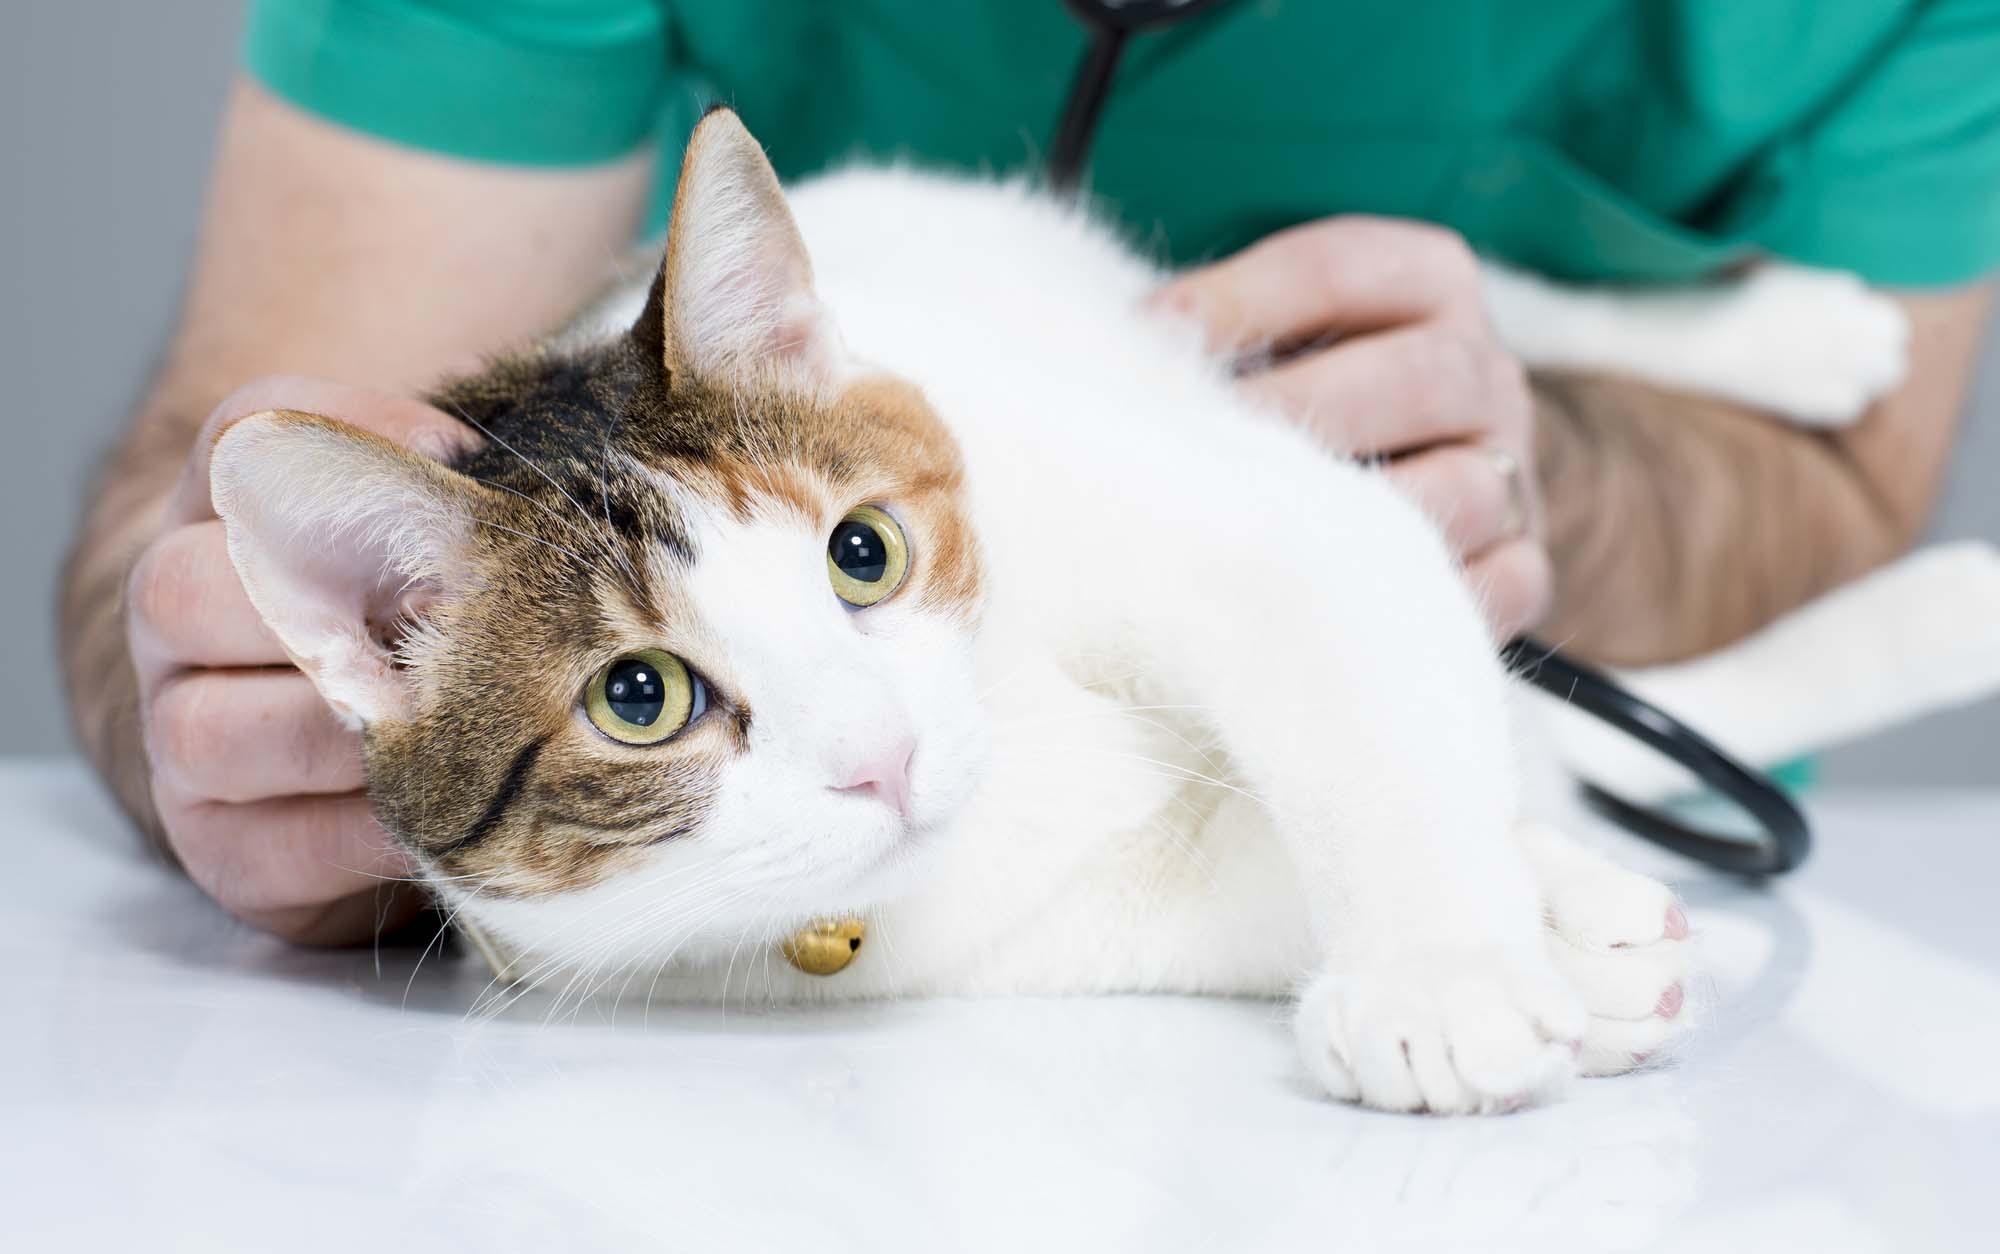 Простуда у кошек: симптомы и лечение в домашних условиях, что делать если чихает?